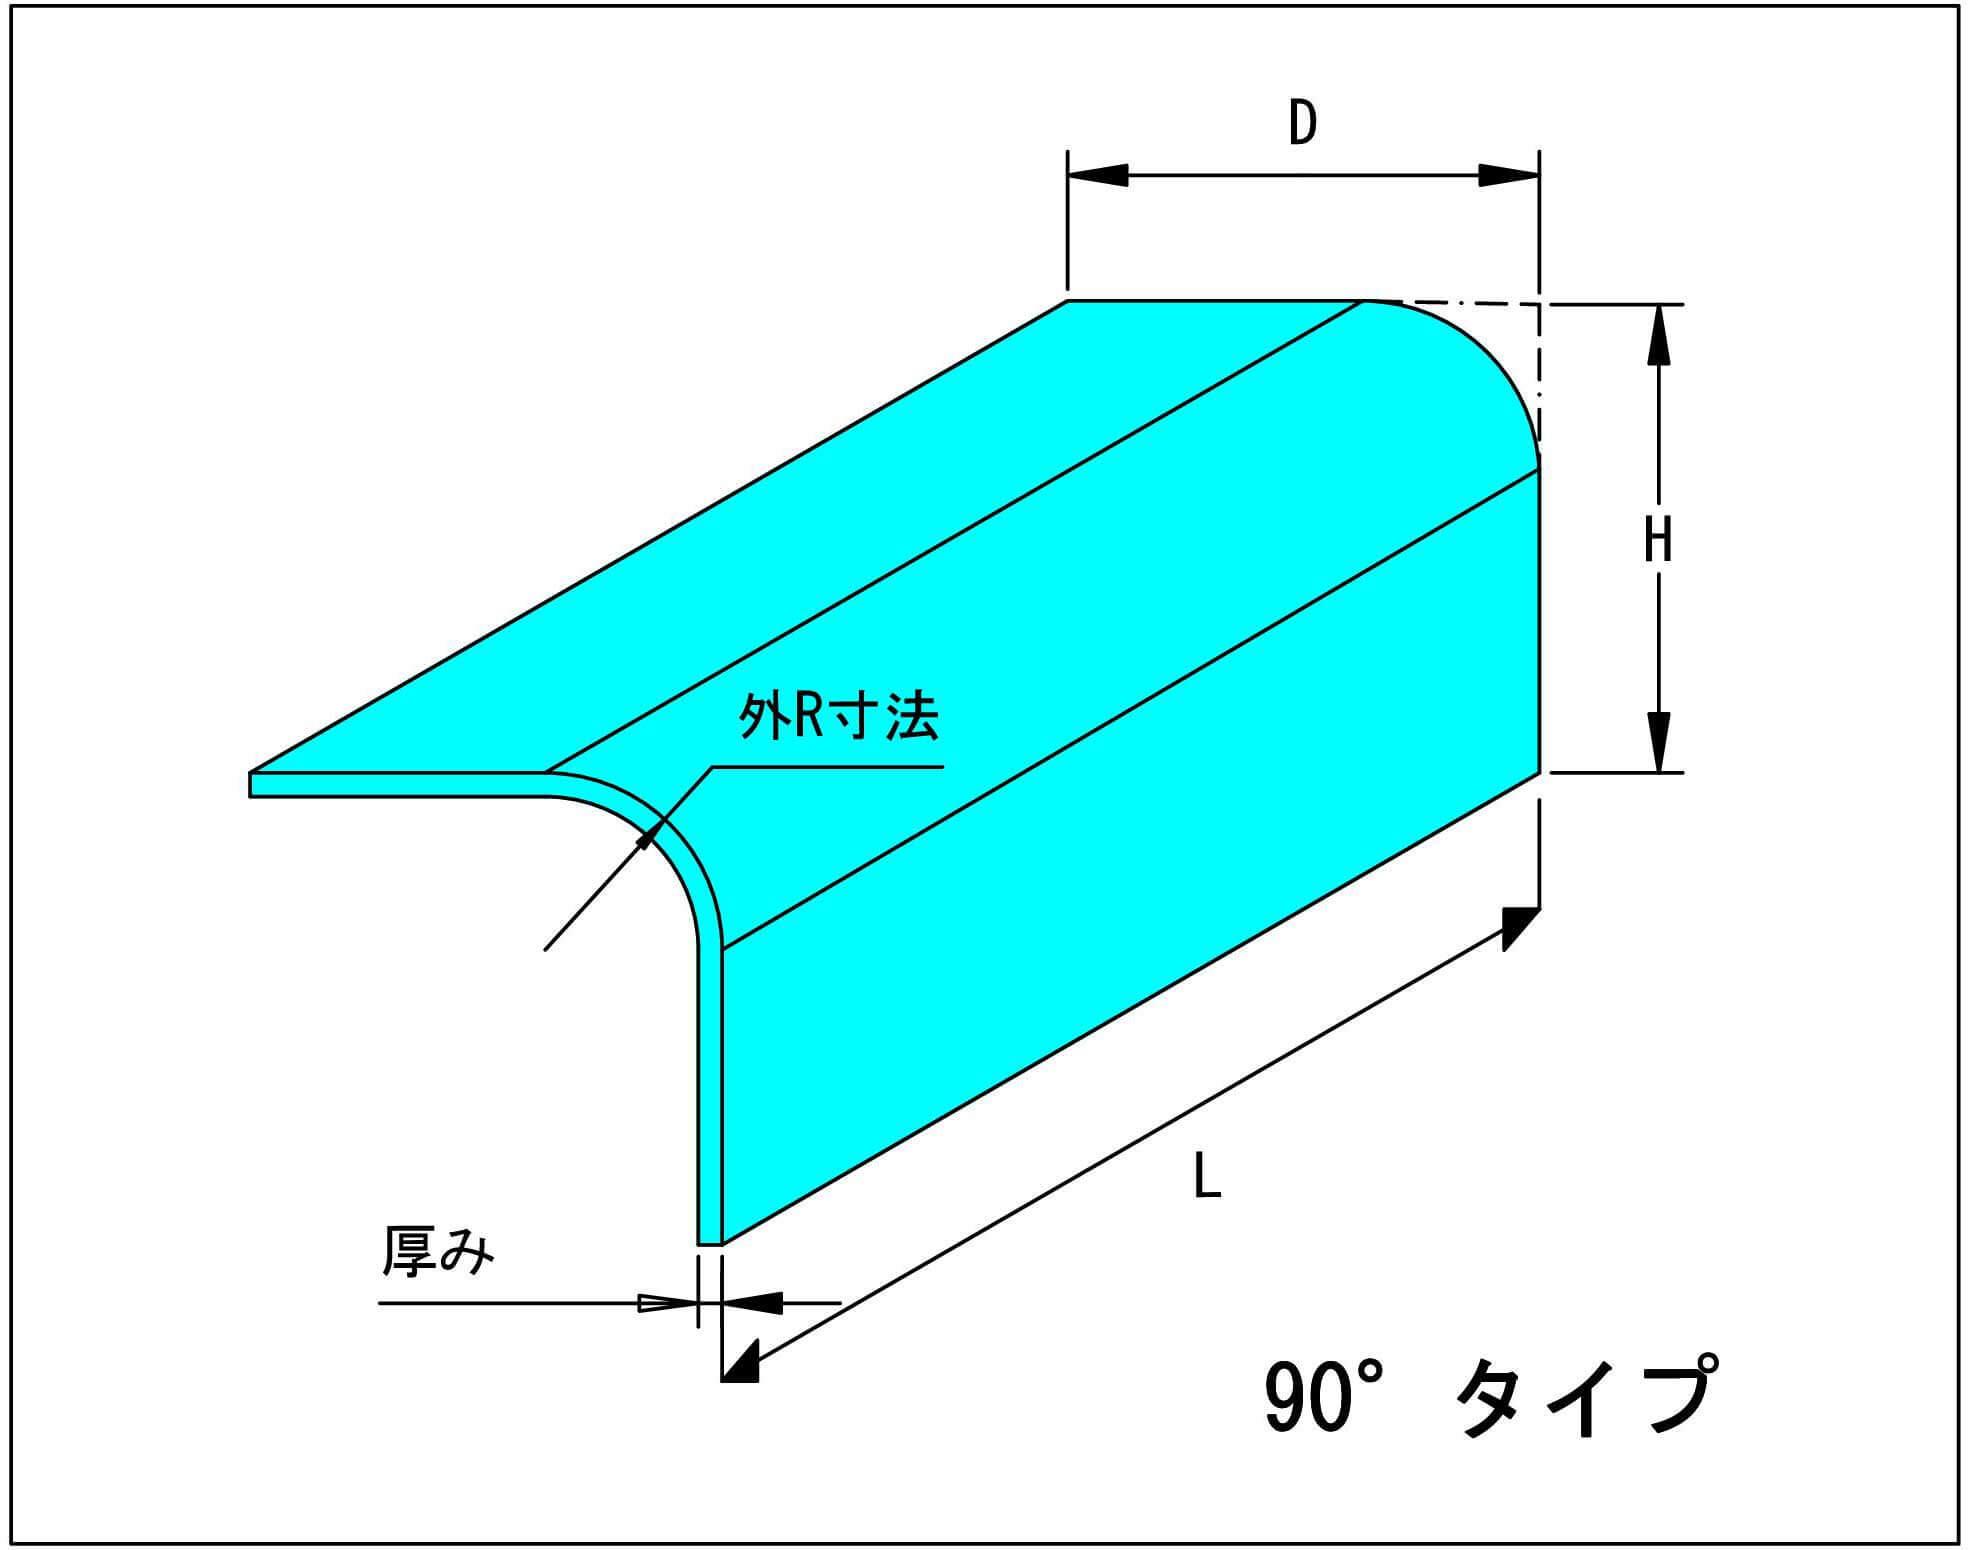 90°R曲げ形状